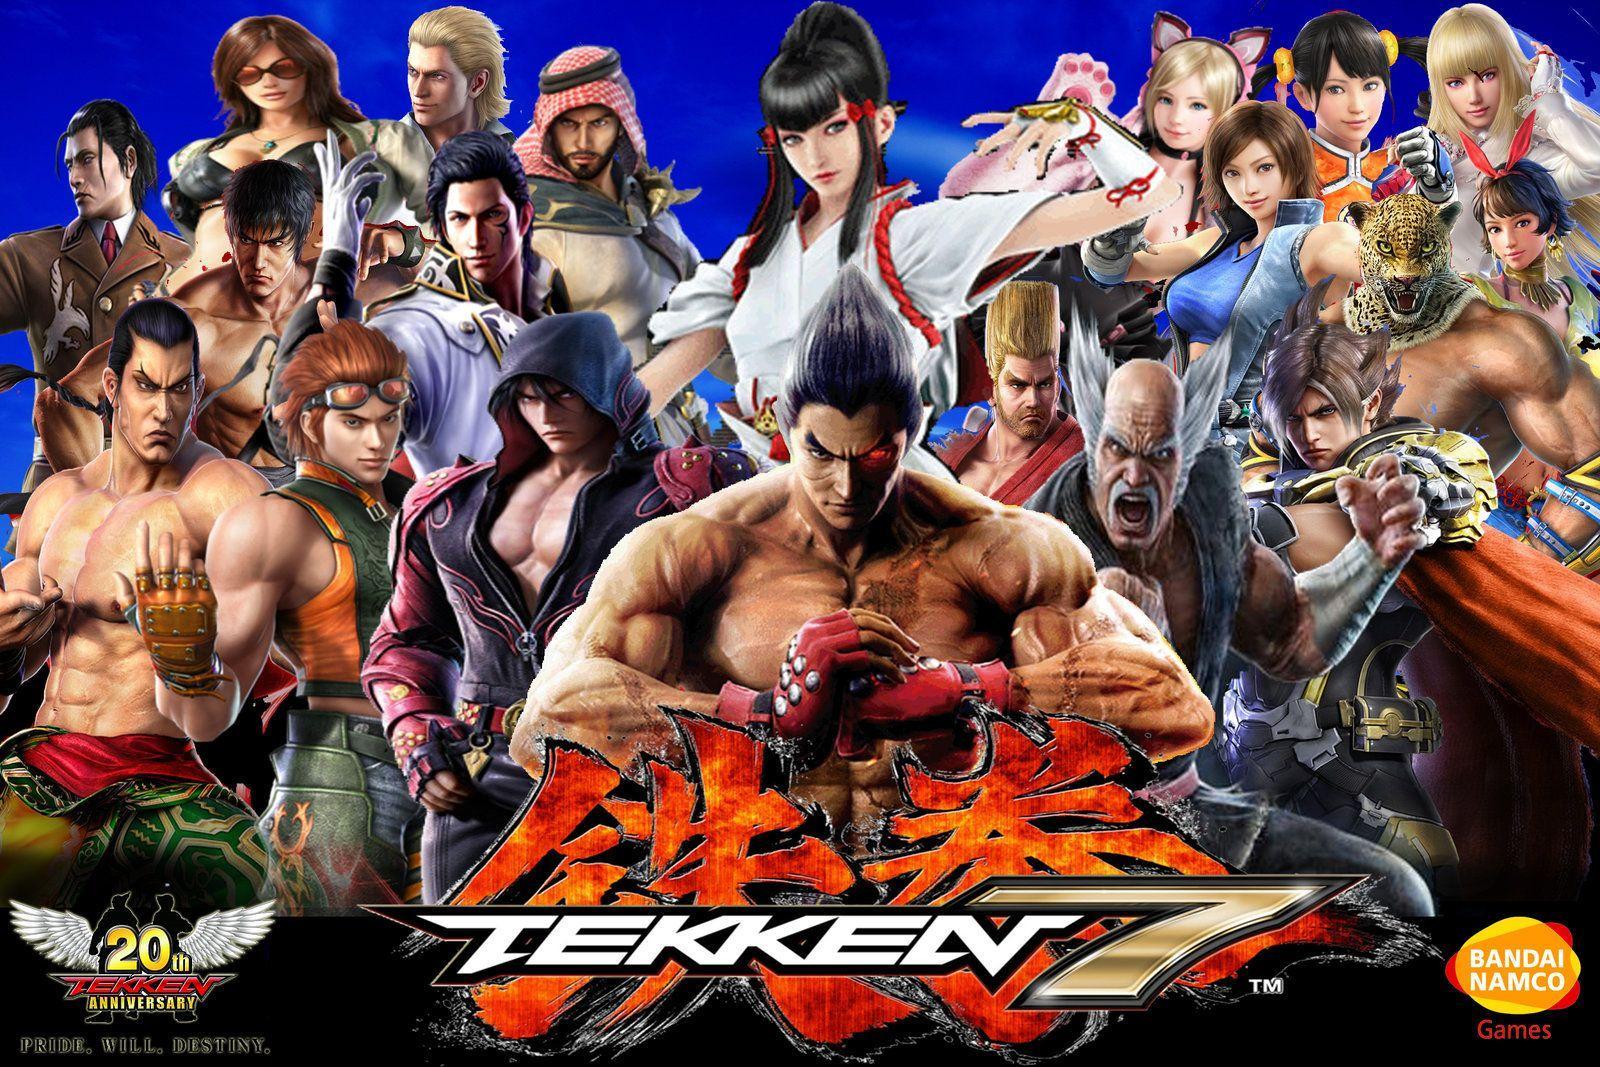 Tekken 7 Characters Wallpapers Wallpaper Cave